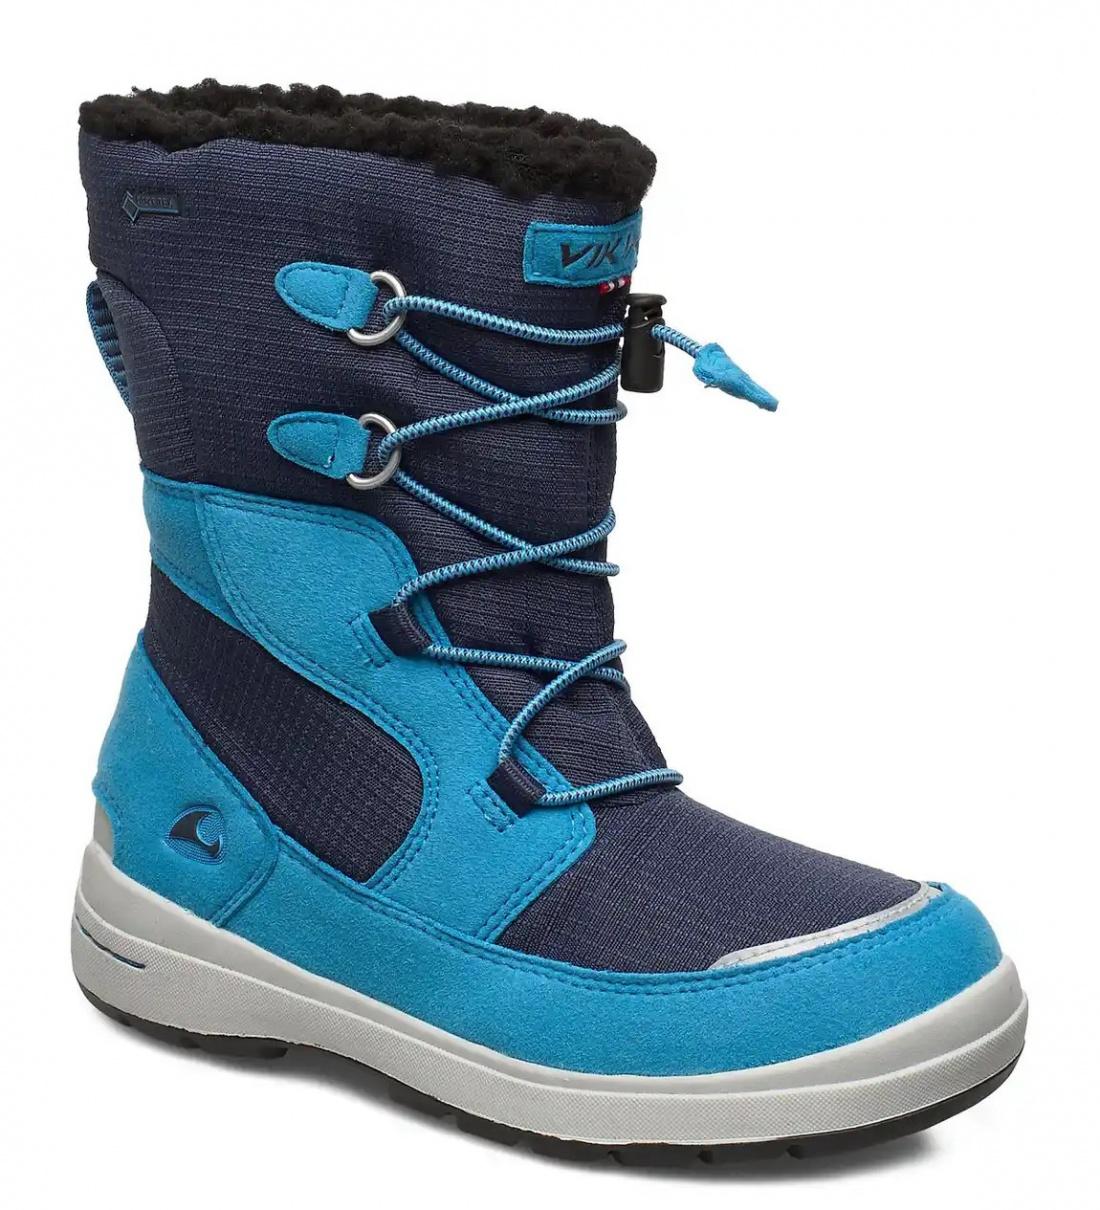 Купить 3-86030-03505, Ботинки для детей Viking цв. синий р-р. 26,